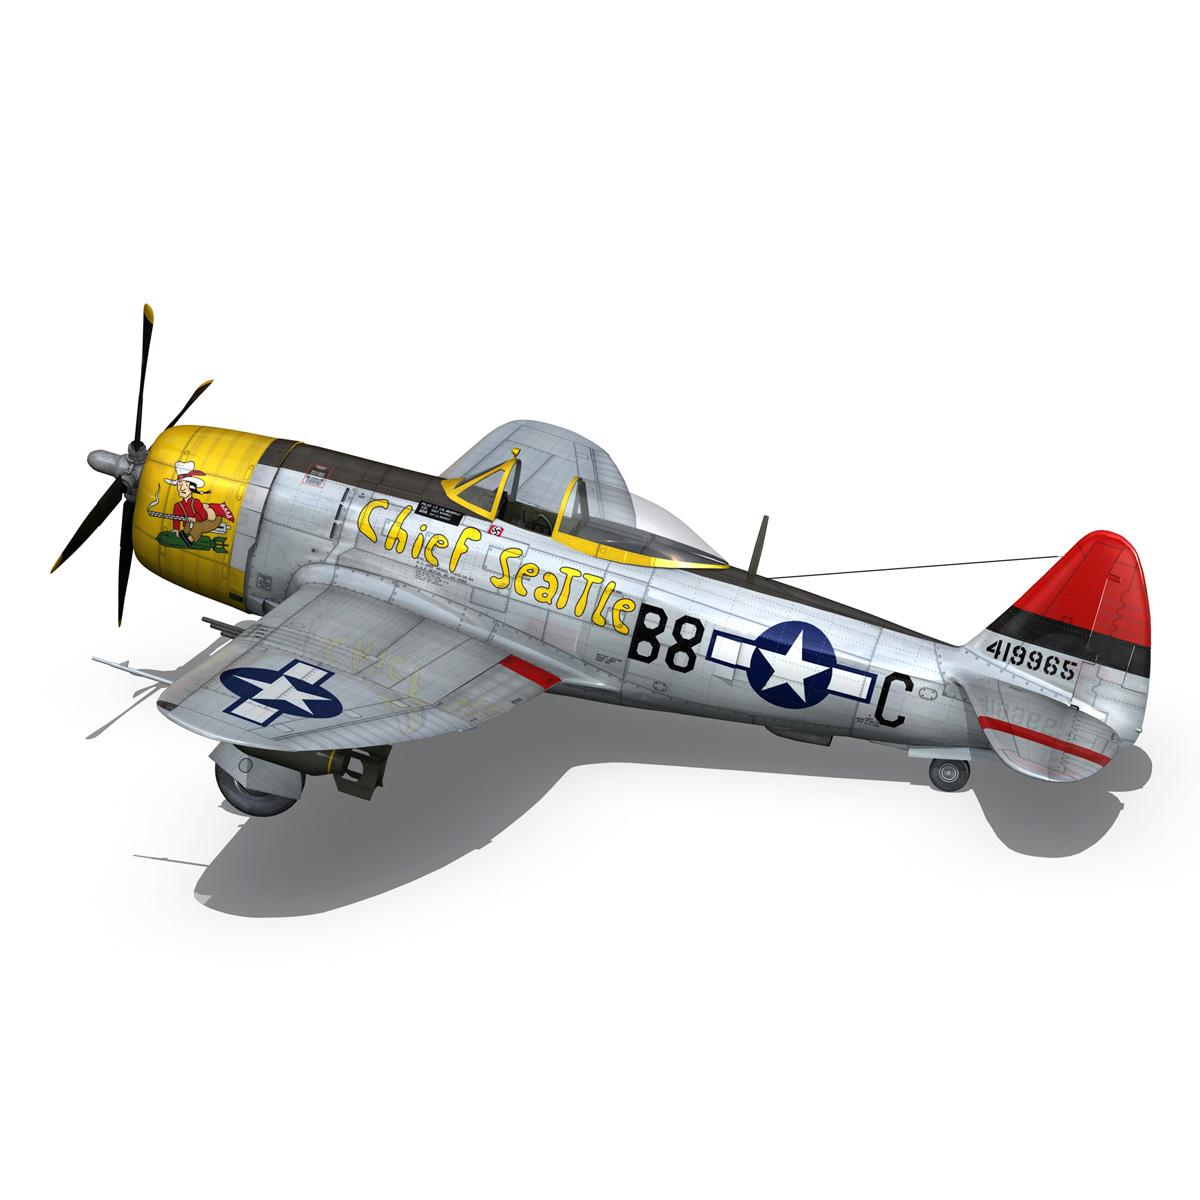 republic p-47d thunderbolt – chief seattle 3d model fbx c4d lwo obj 268210